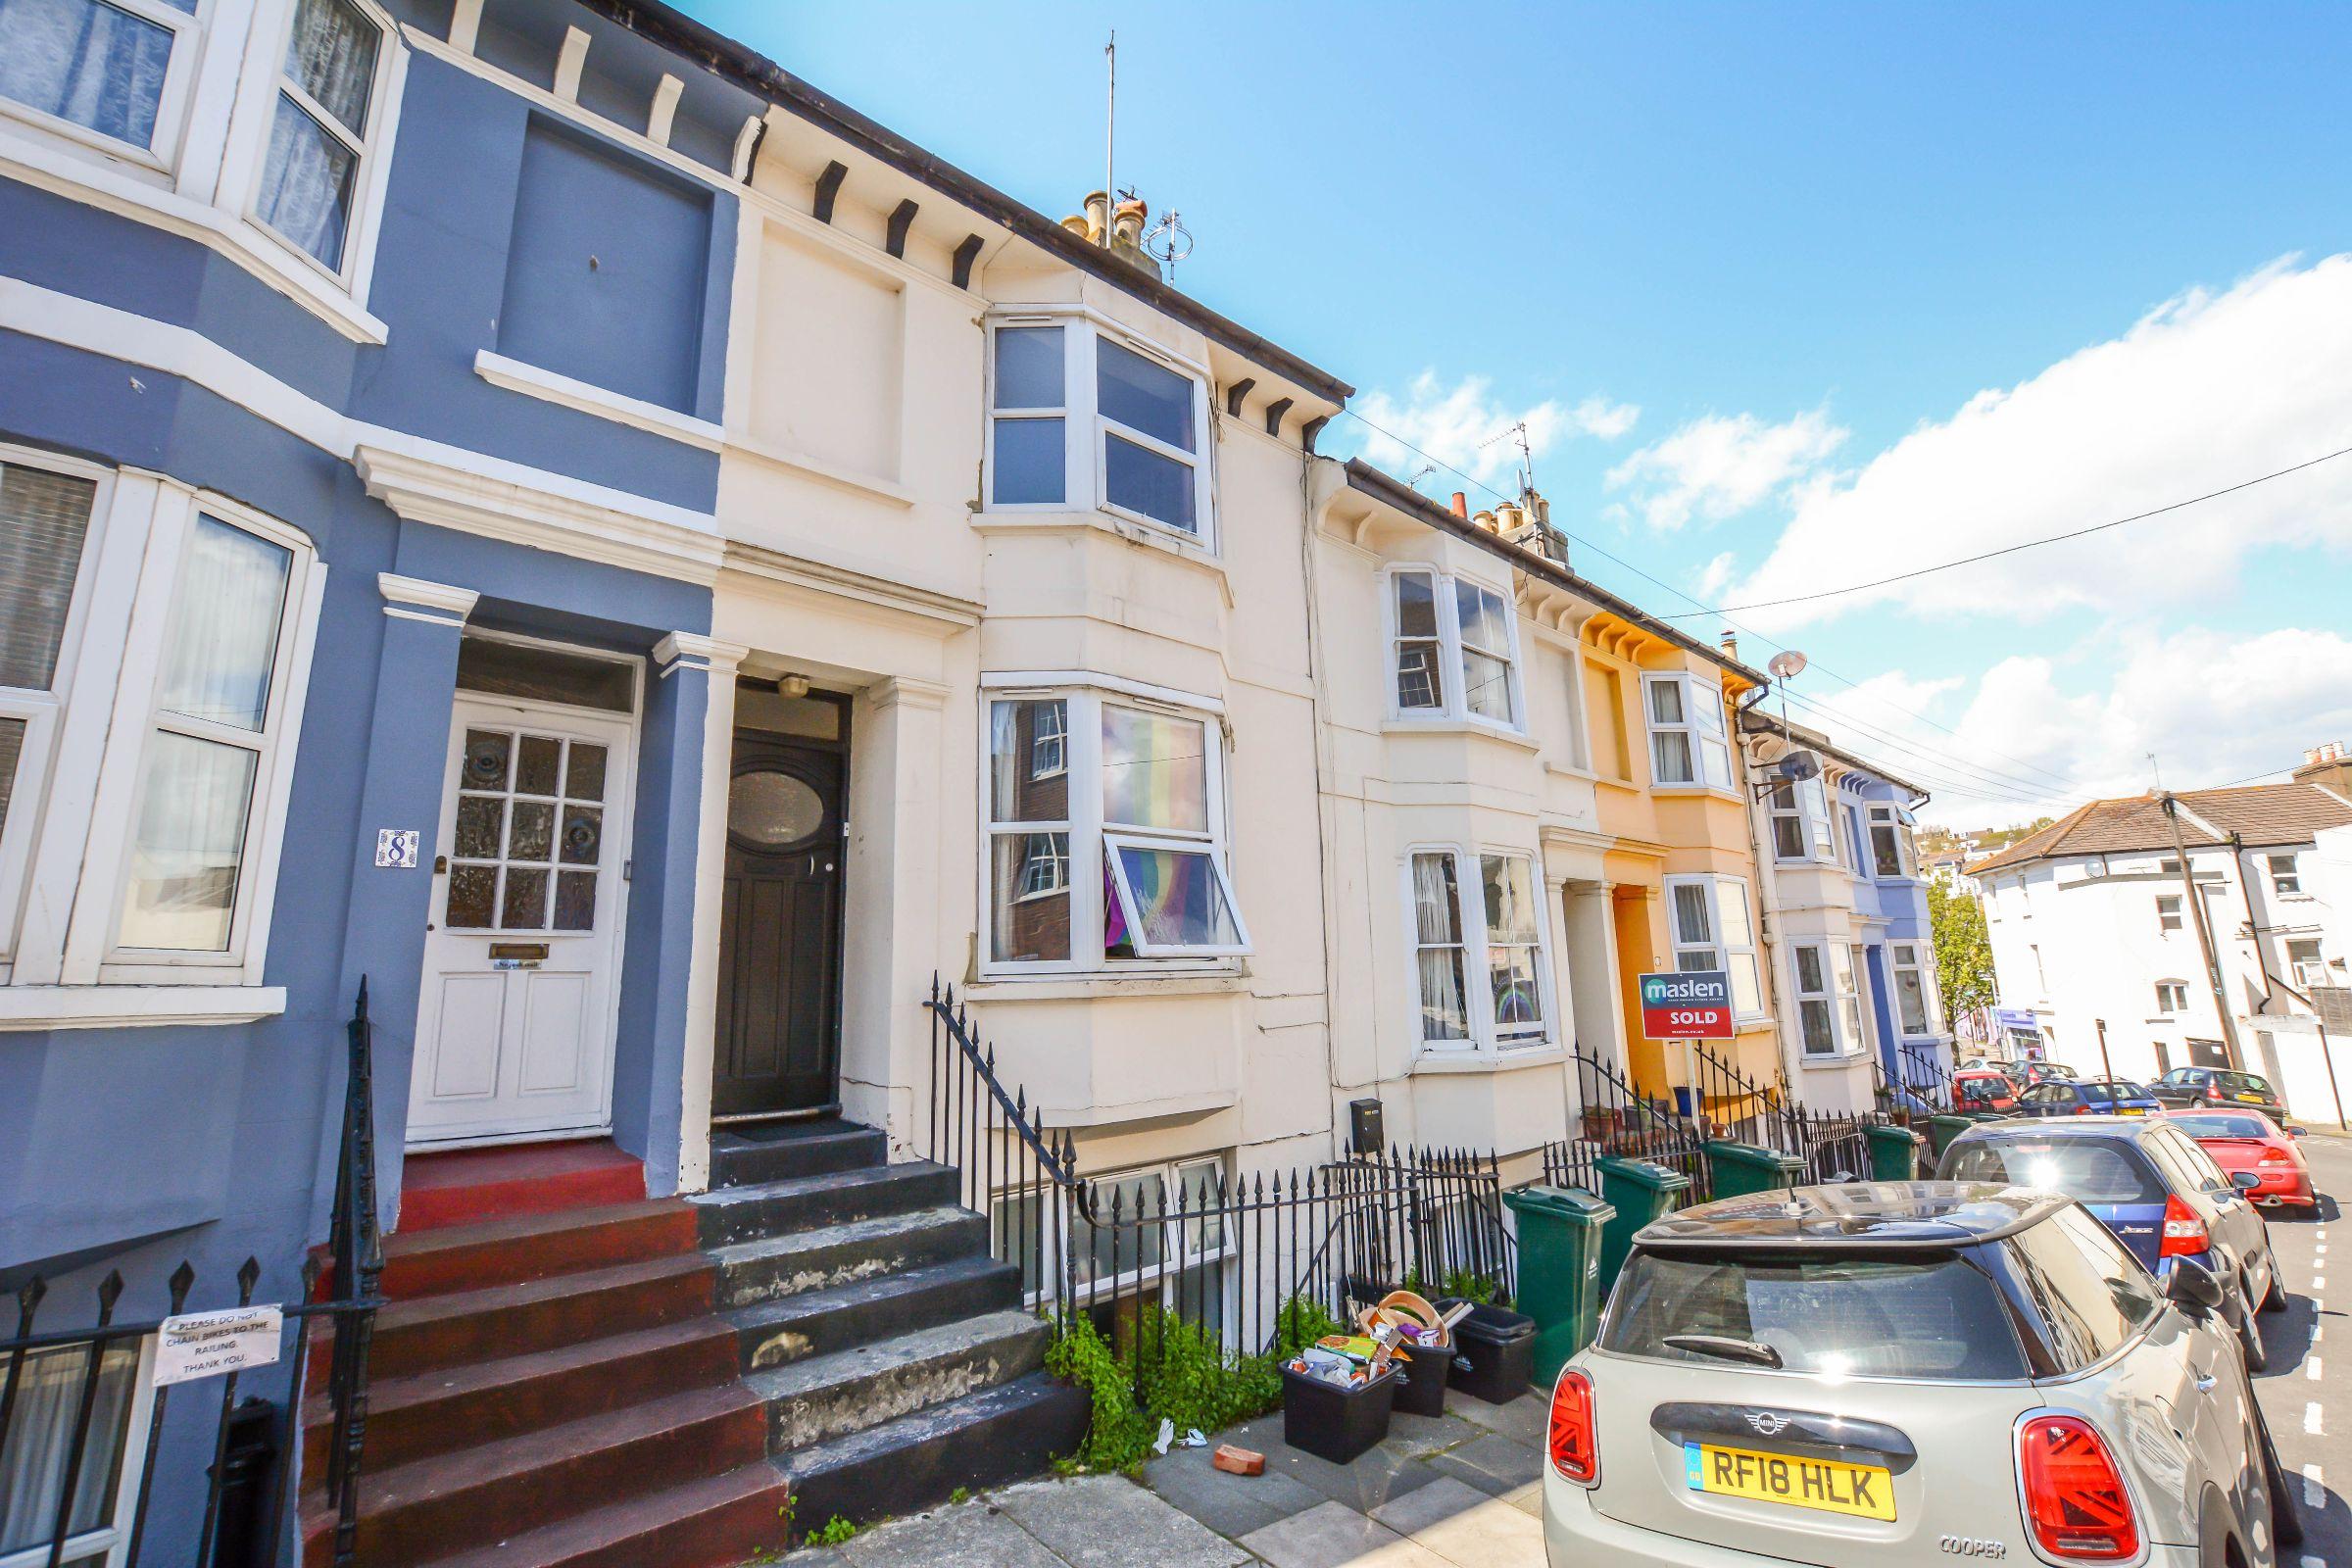 St. Leonards Road, Brighton